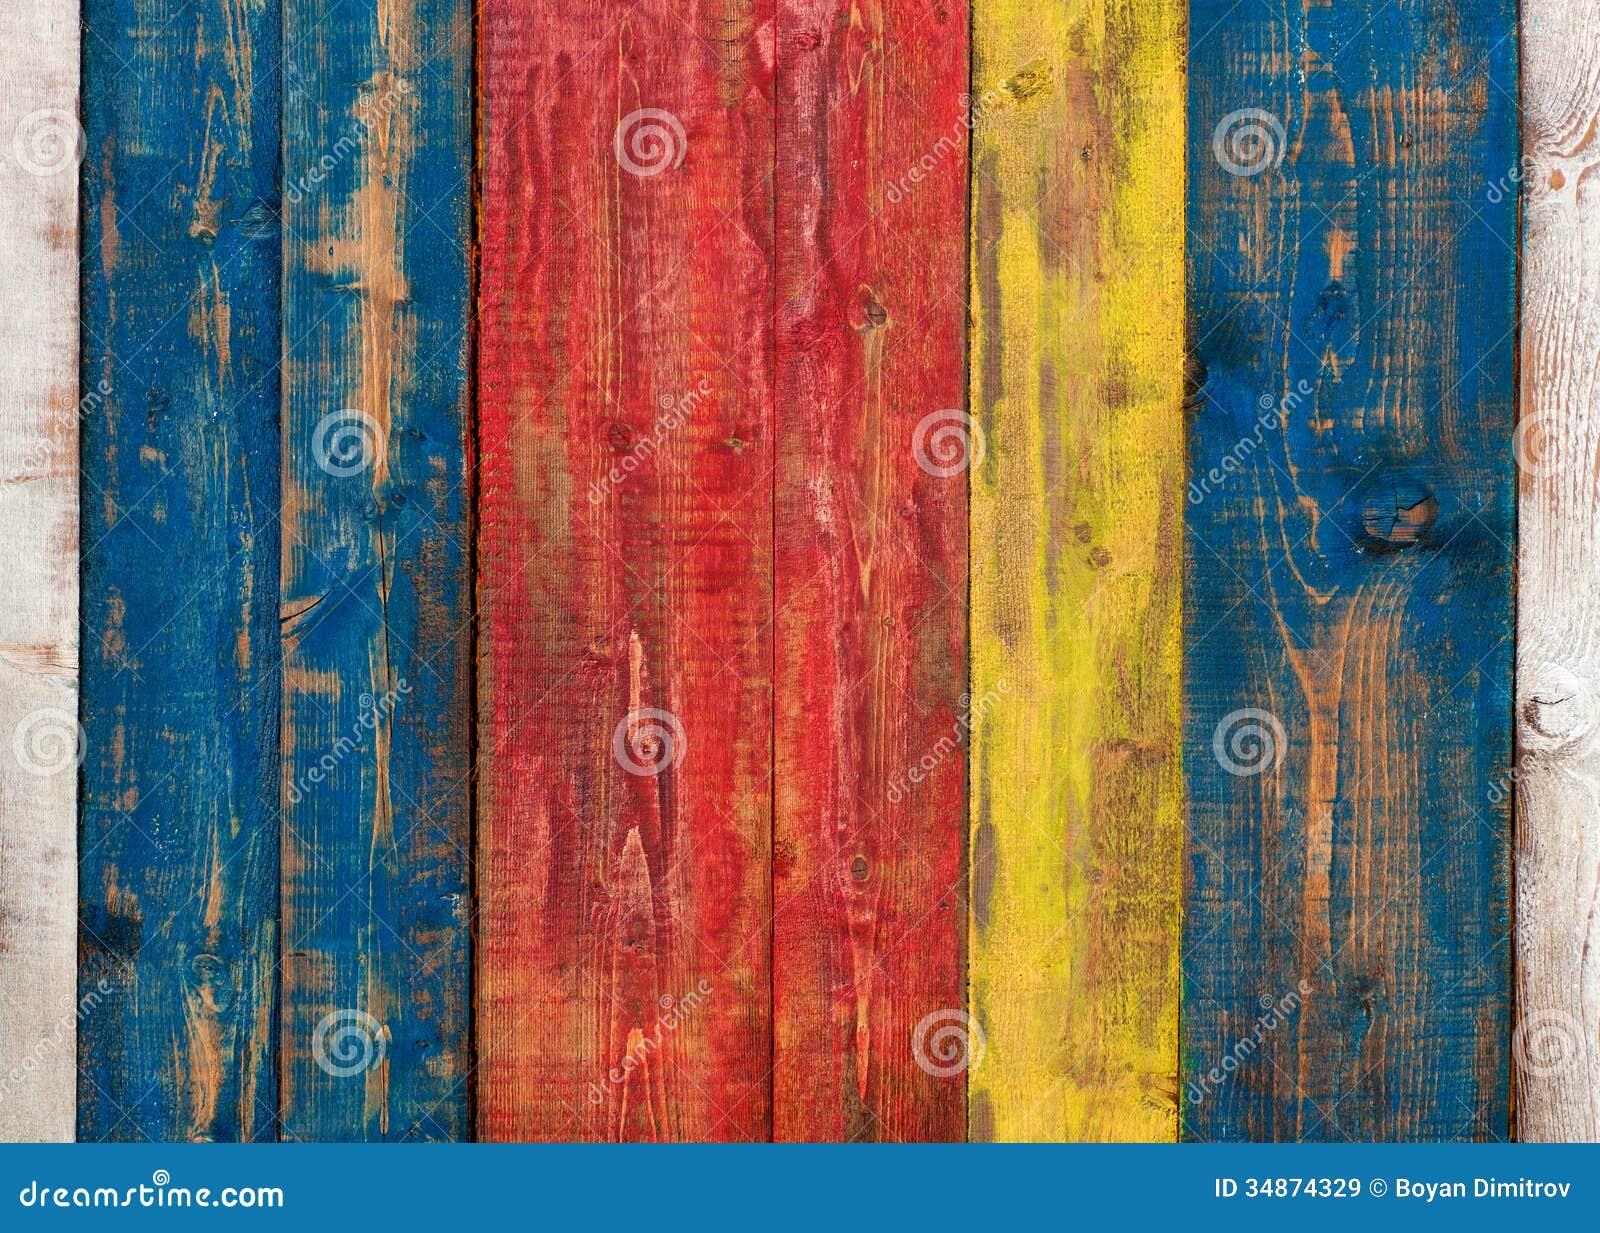 photo painted wood grunge - photo #42